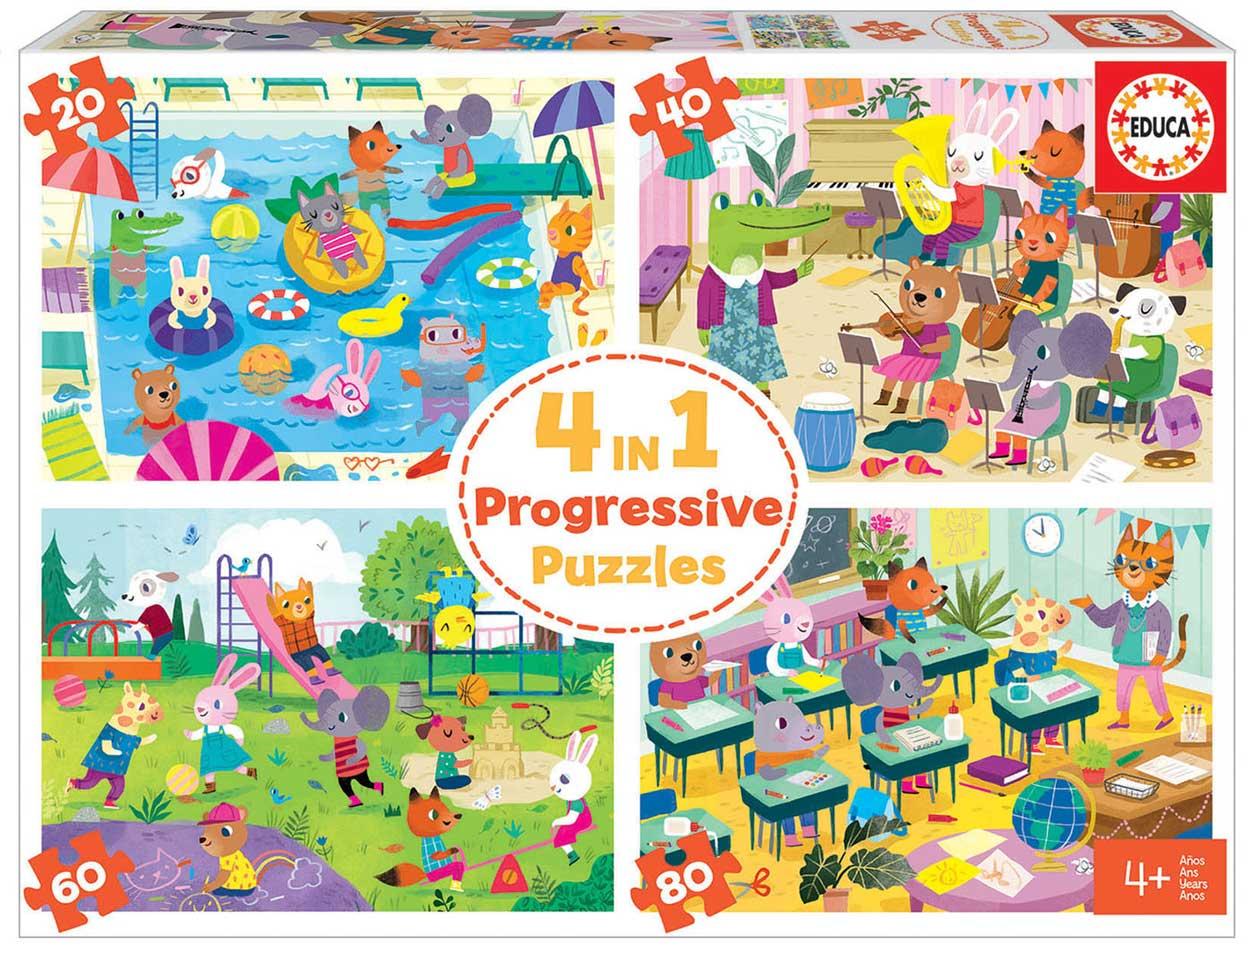 Puzzle Educa Día en la Escuela Multi Progresivo 20+40+60+80 pzs